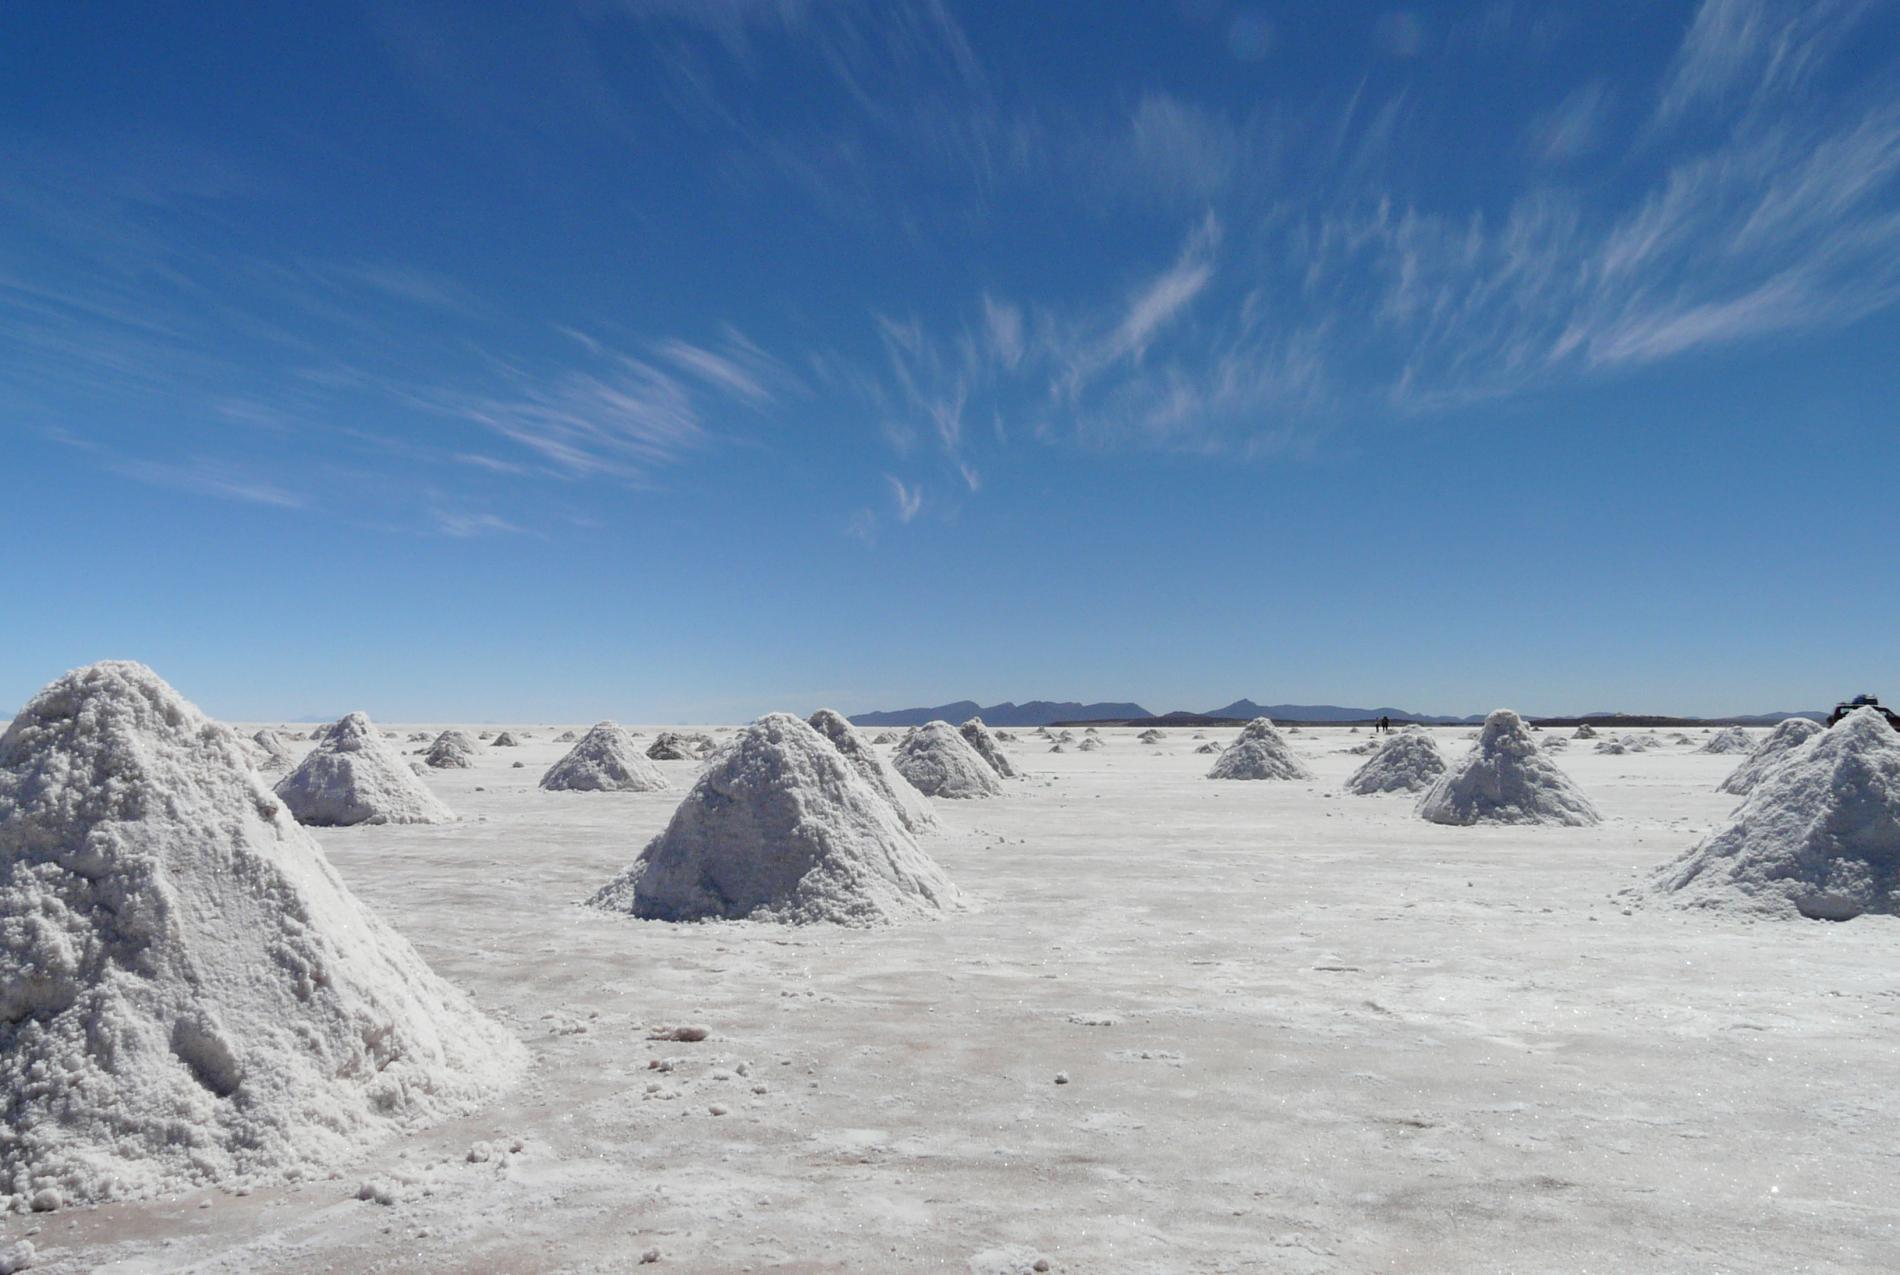 Voyage solidaire Pérou-Bolivie : Vision du Monde - Photo 10